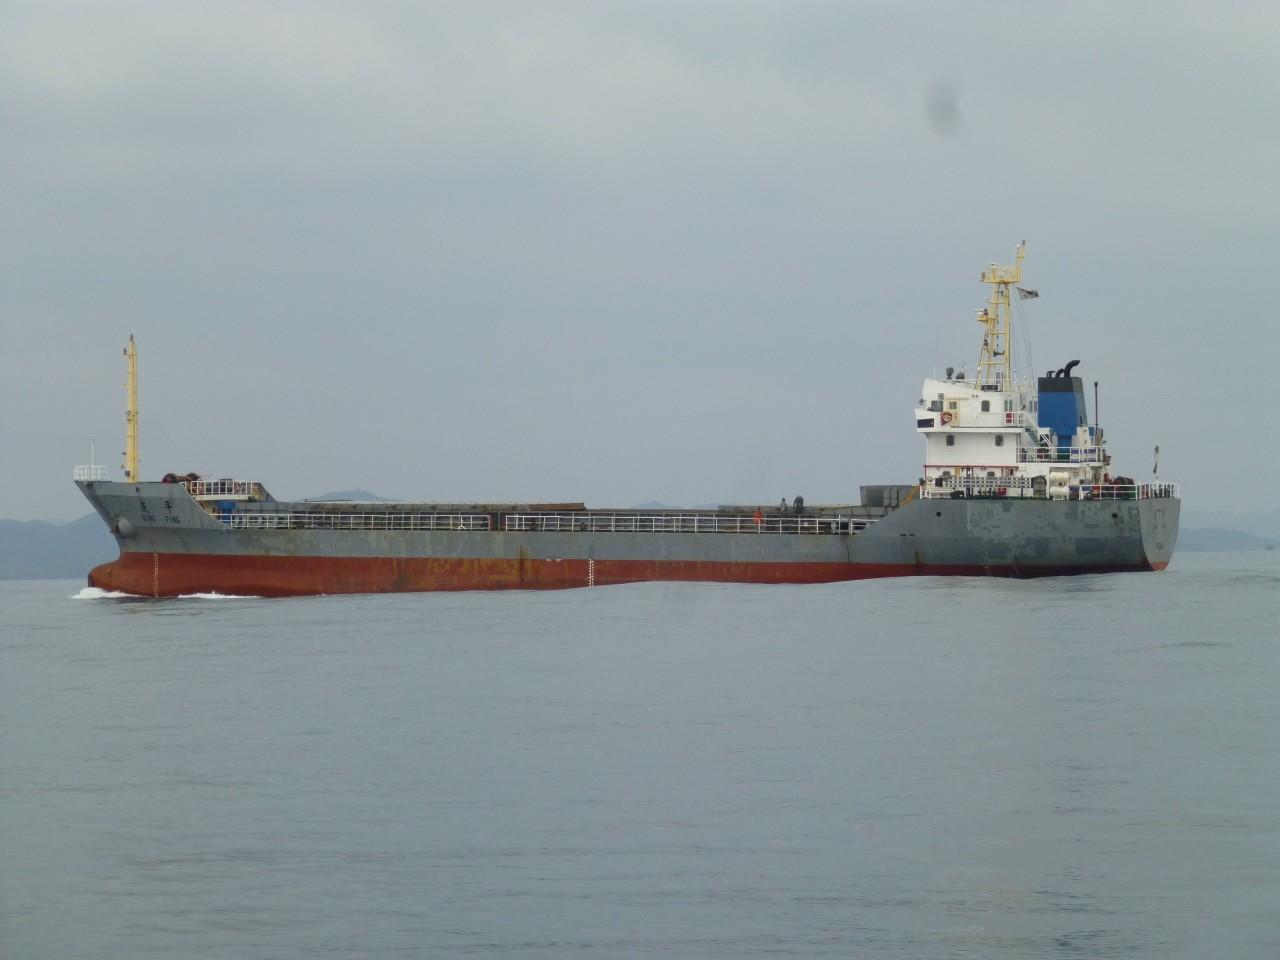 1月25日外国船がすぐ近くを通過します外国船がすぐ近くを通過 博多港行き 荷物積載量少ないかな